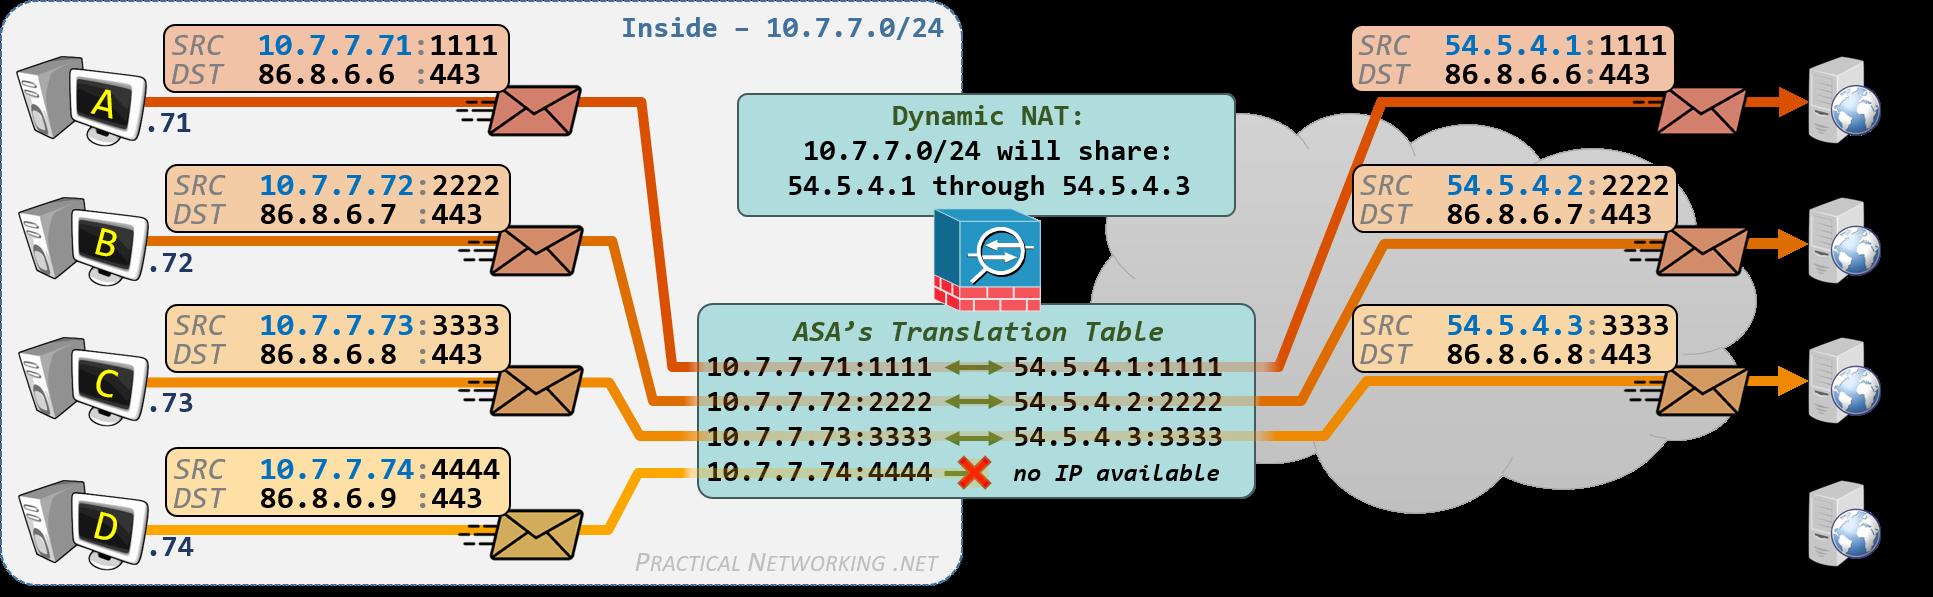 Cisco ASA NAT - Configuring Dynamic NAT with Auto NAT and Manual NAT